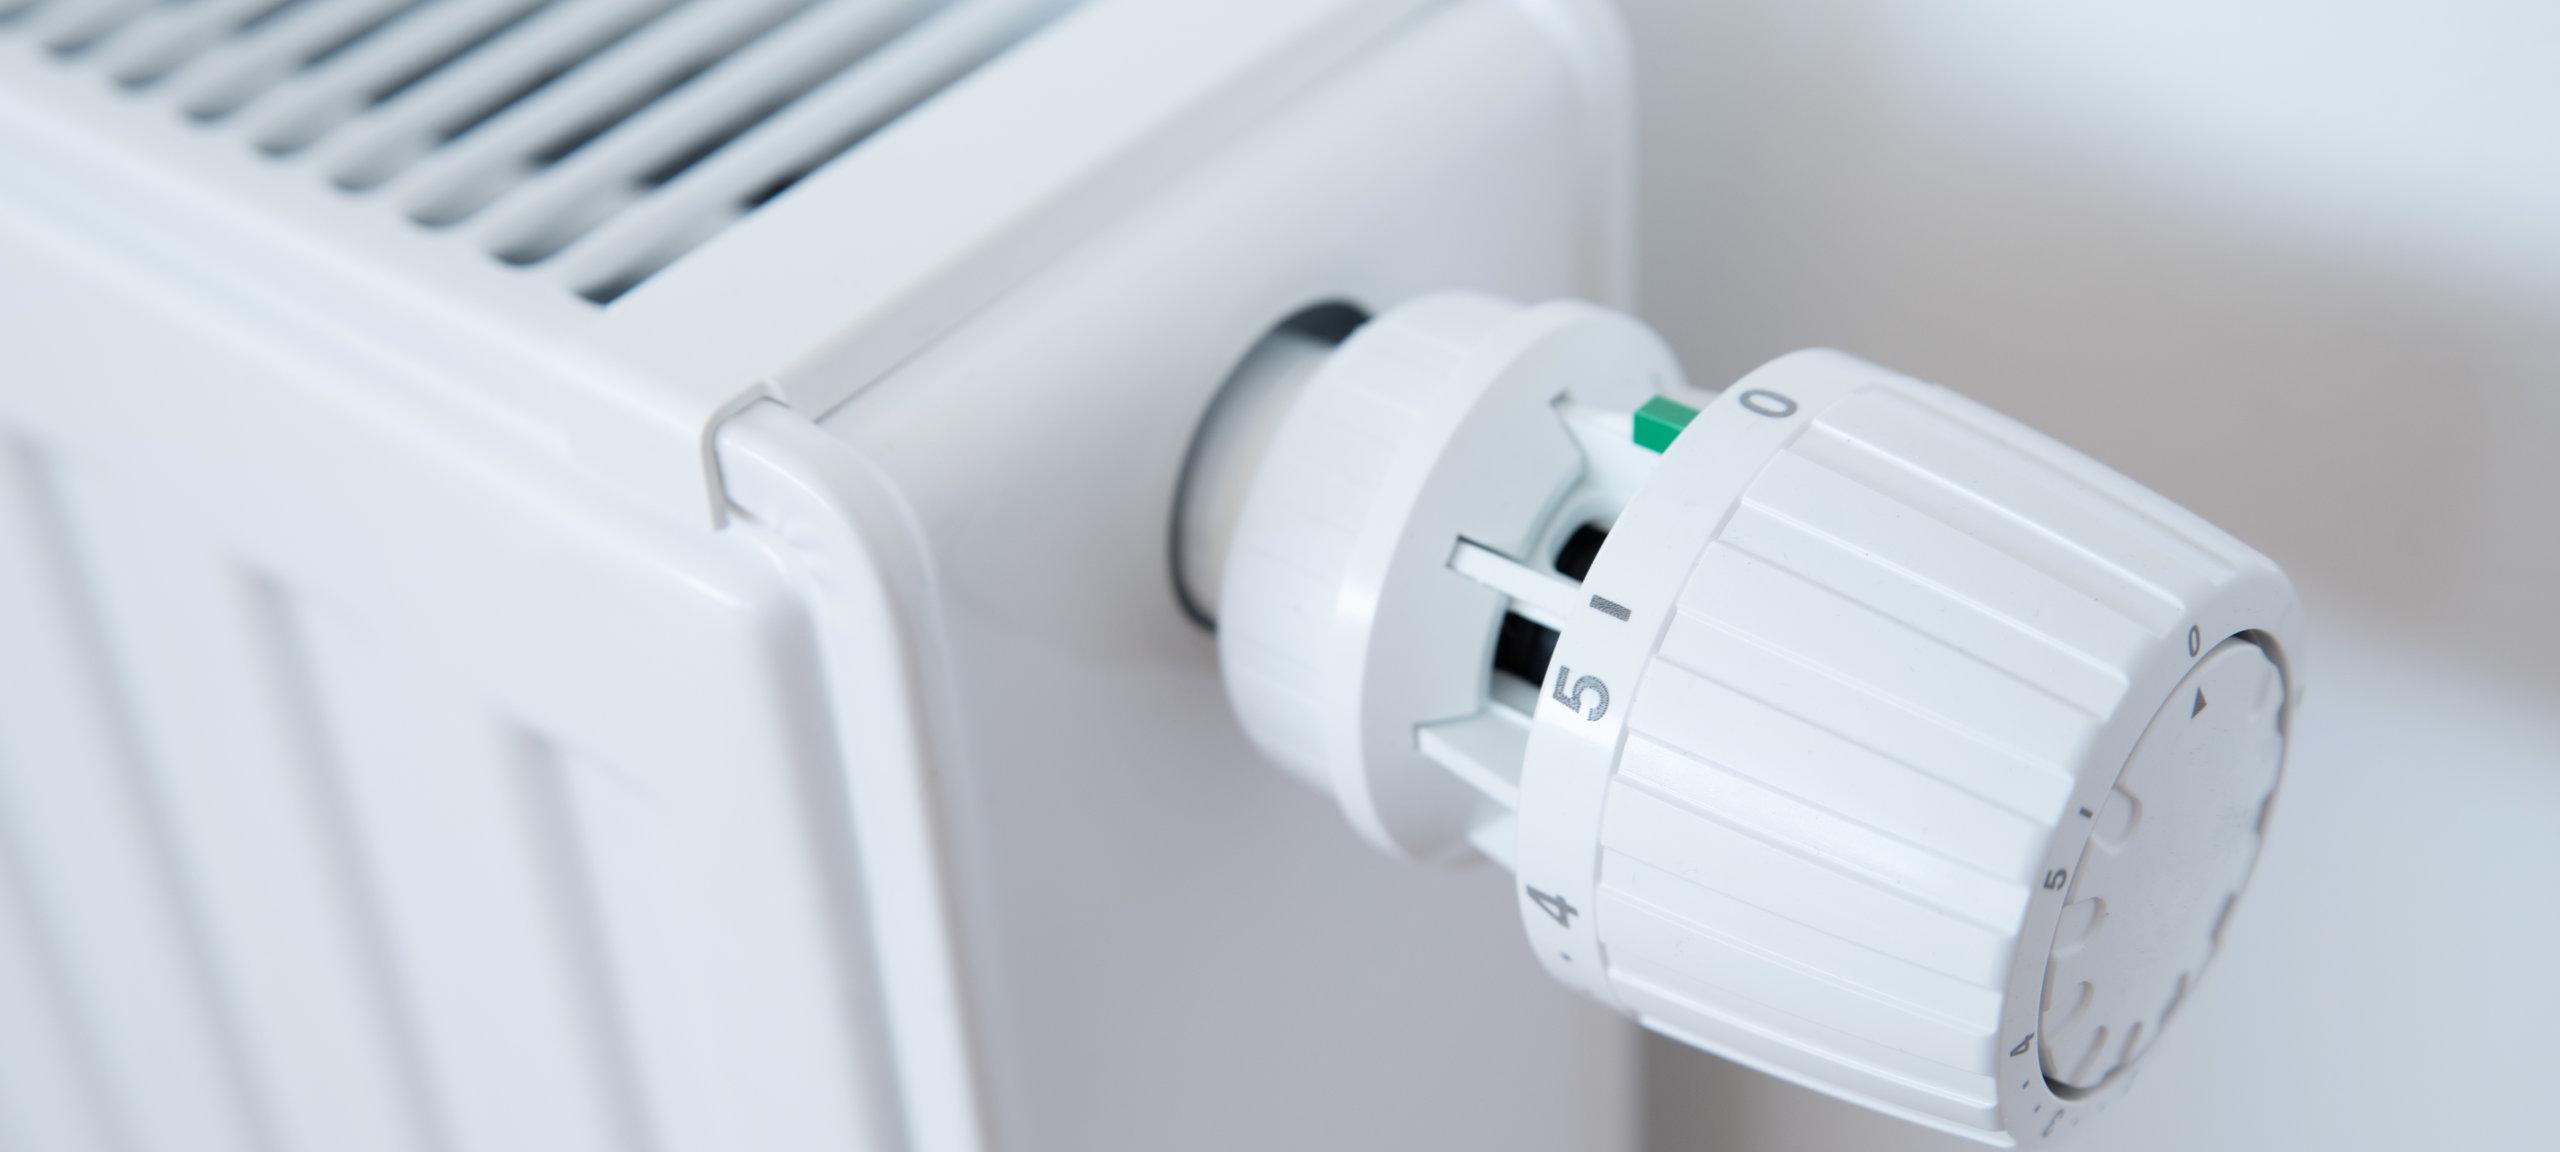 Radiadores de baja temperatura para calefacción basada en aerotermia